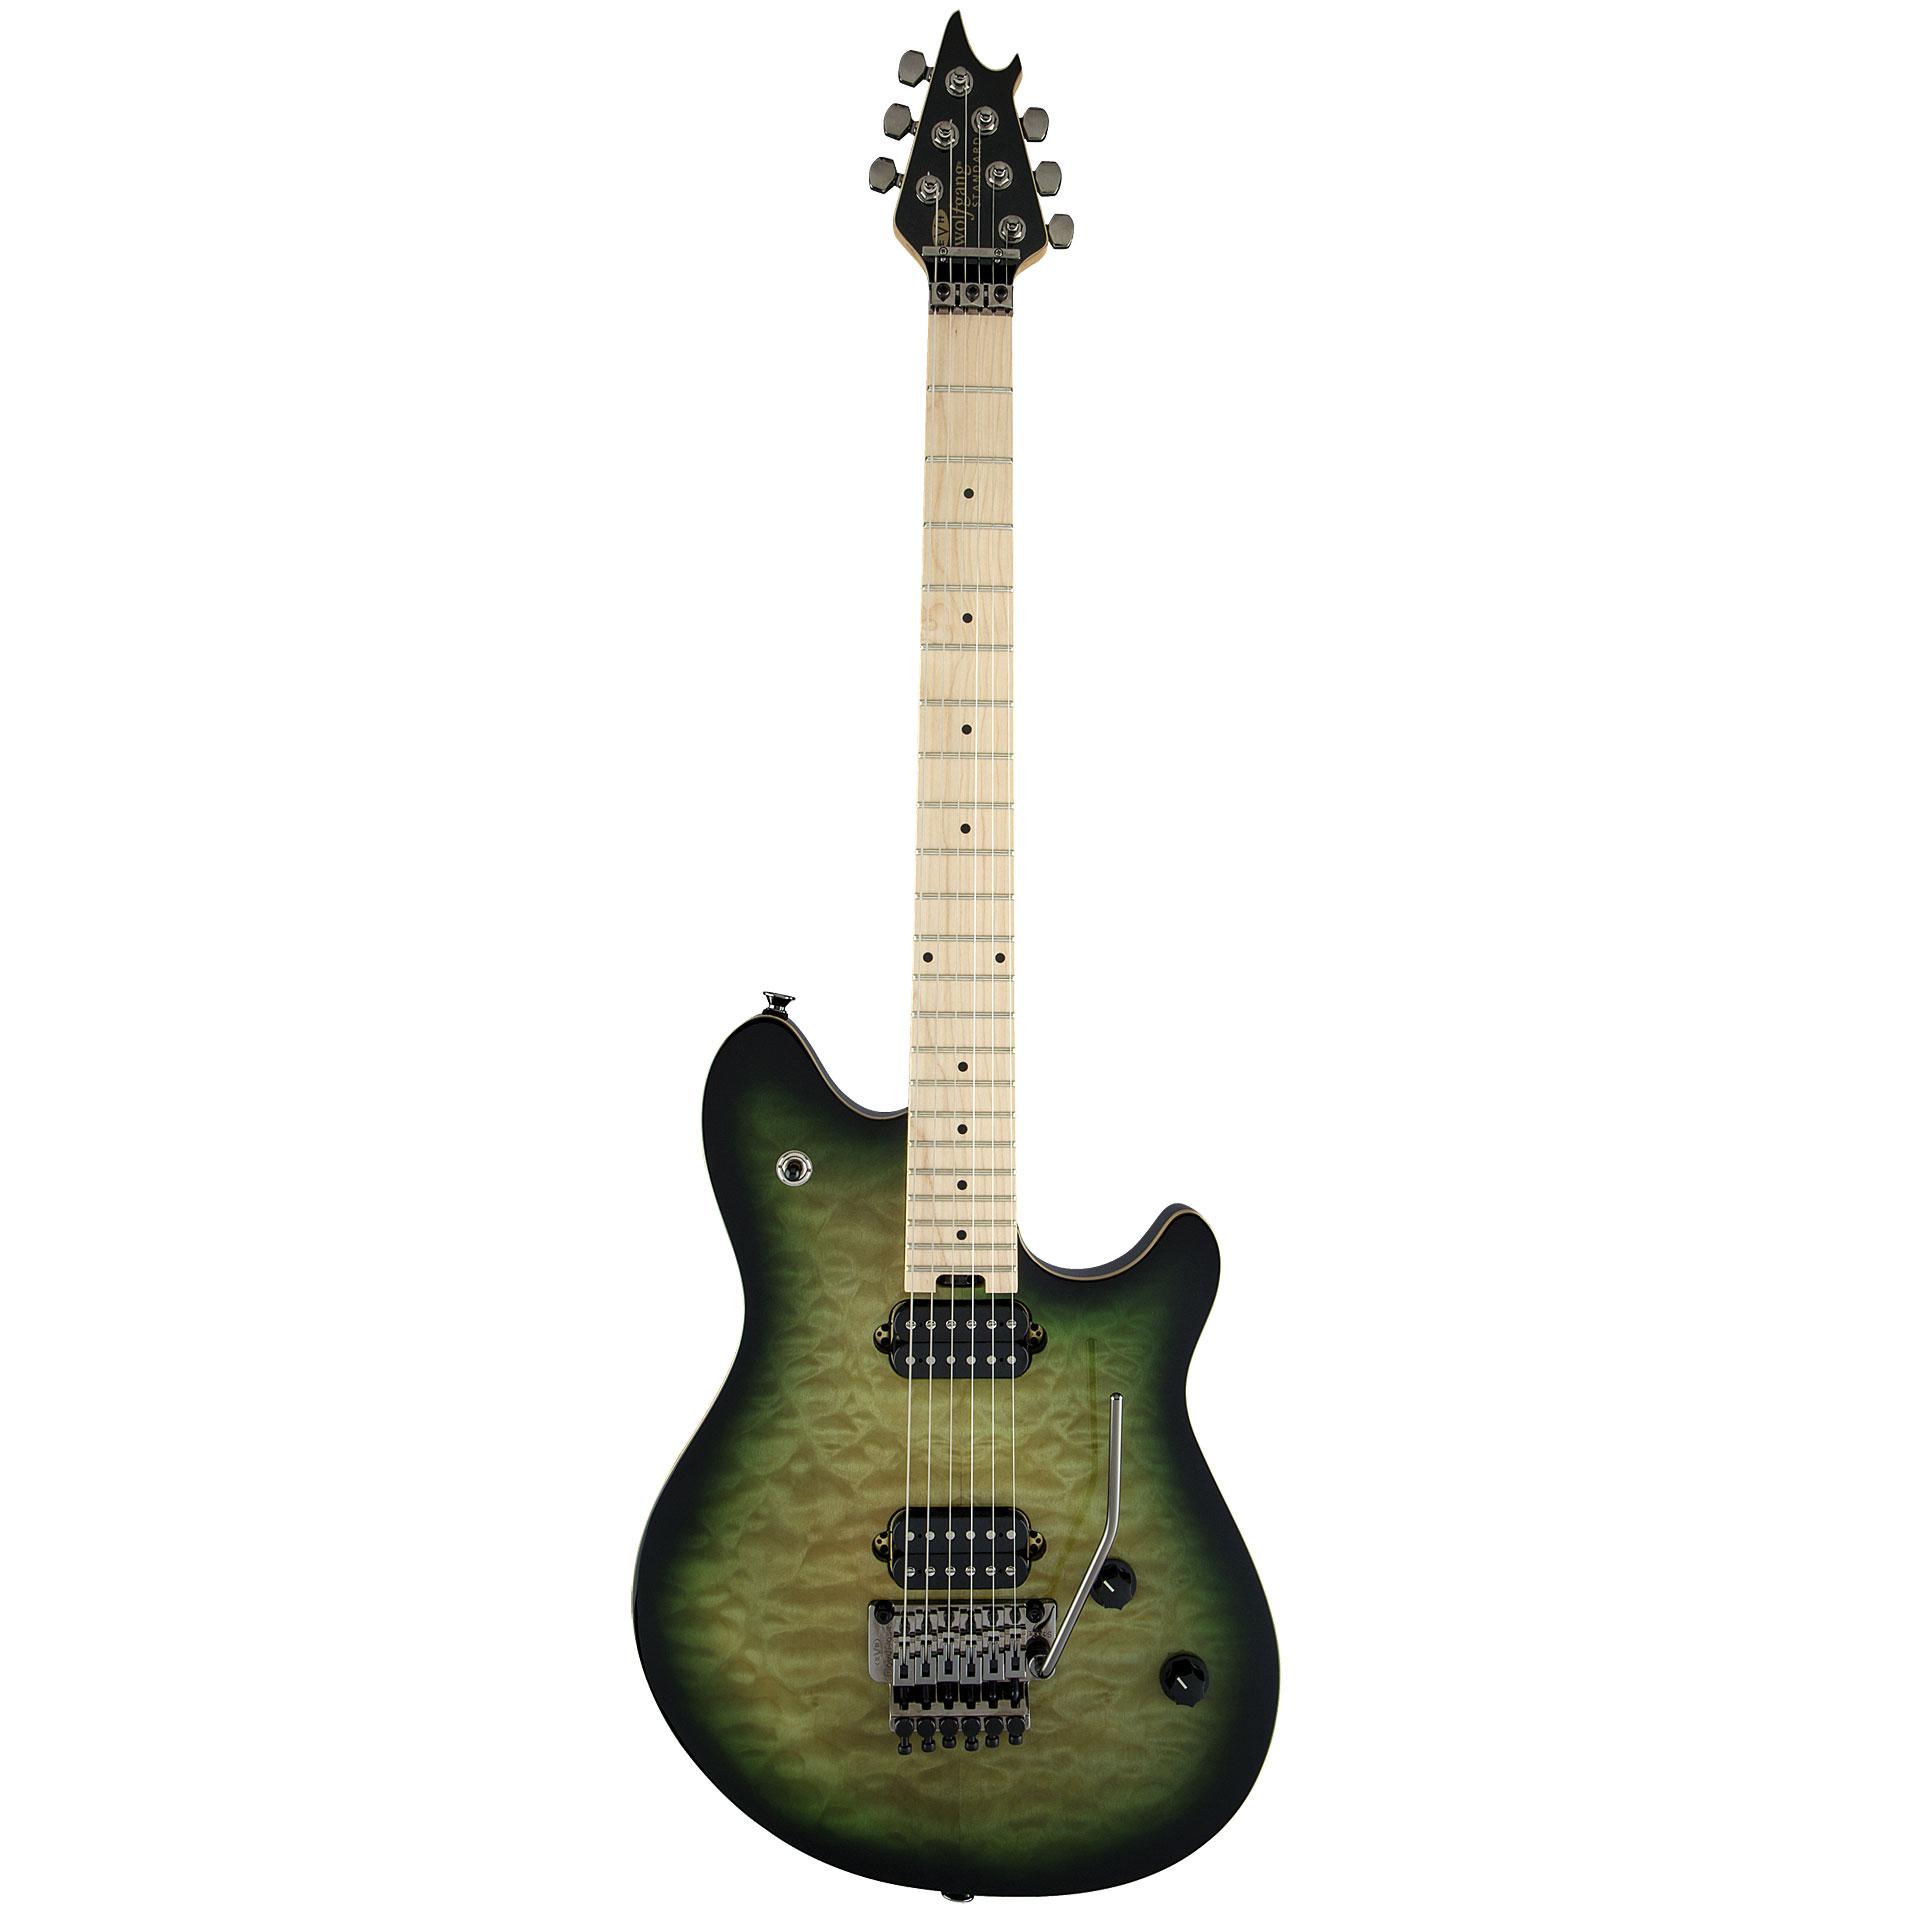 evh wolfgang standard qm zb electric guitar. Black Bedroom Furniture Sets. Home Design Ideas